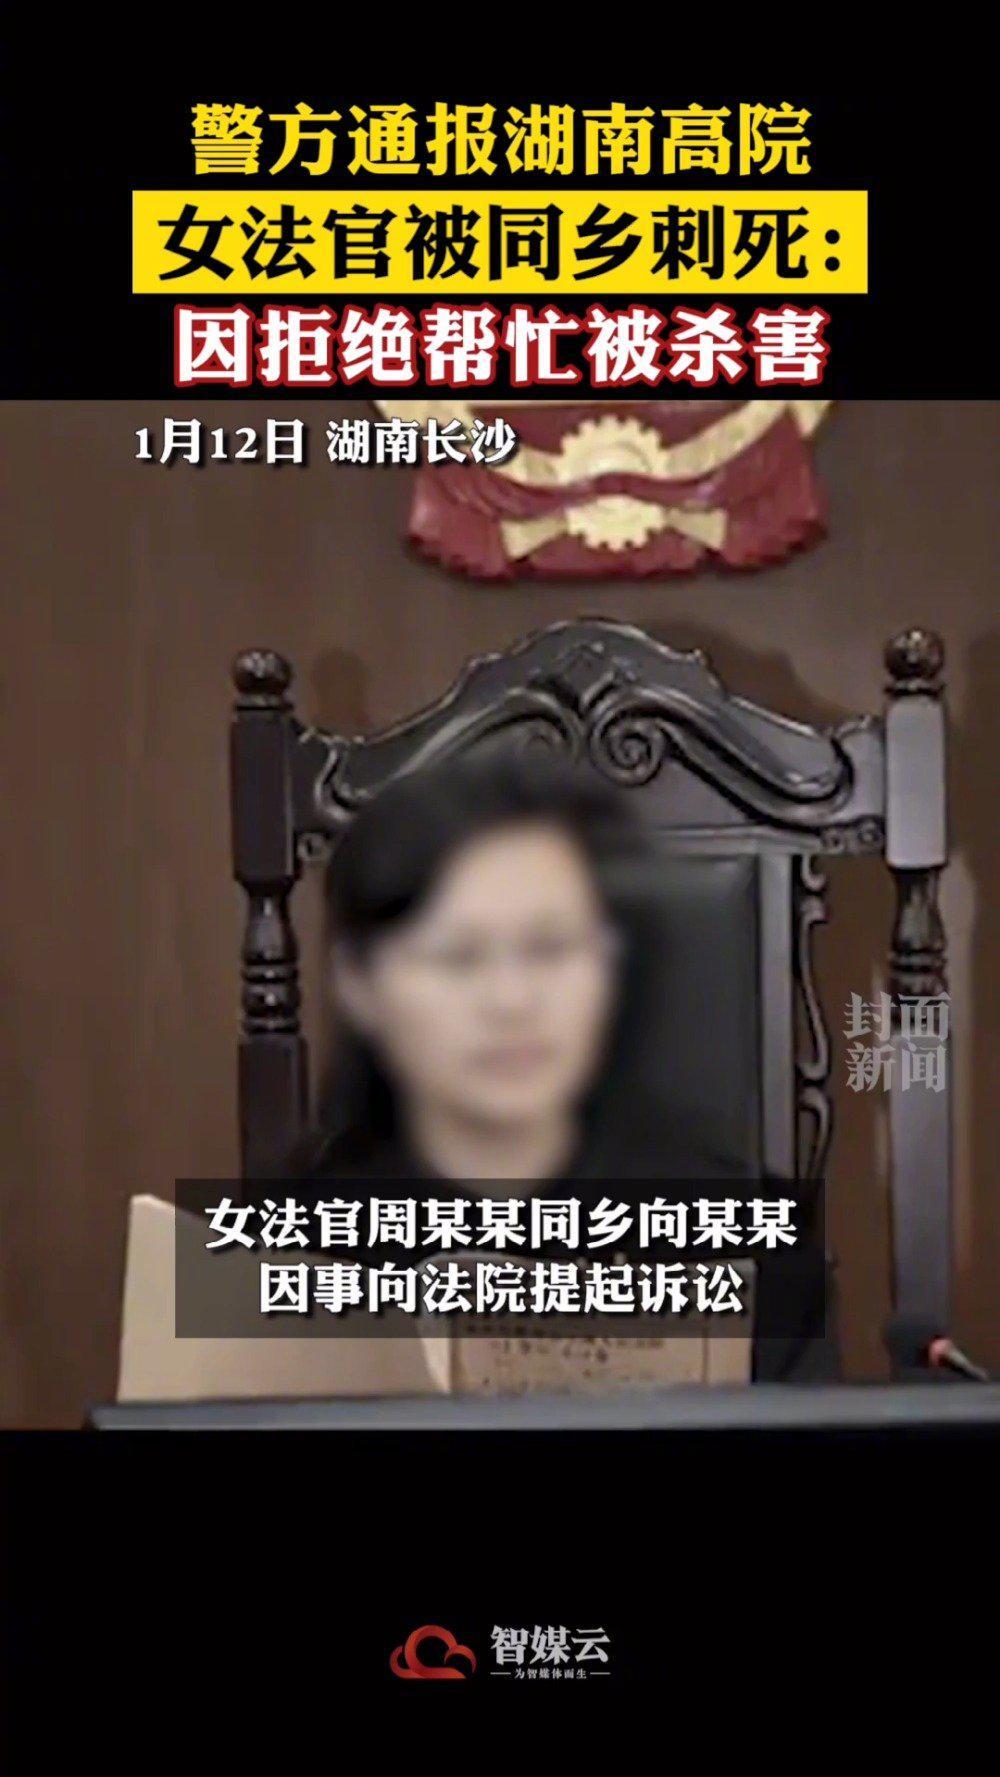 湖南高院遇害女法官家属发声